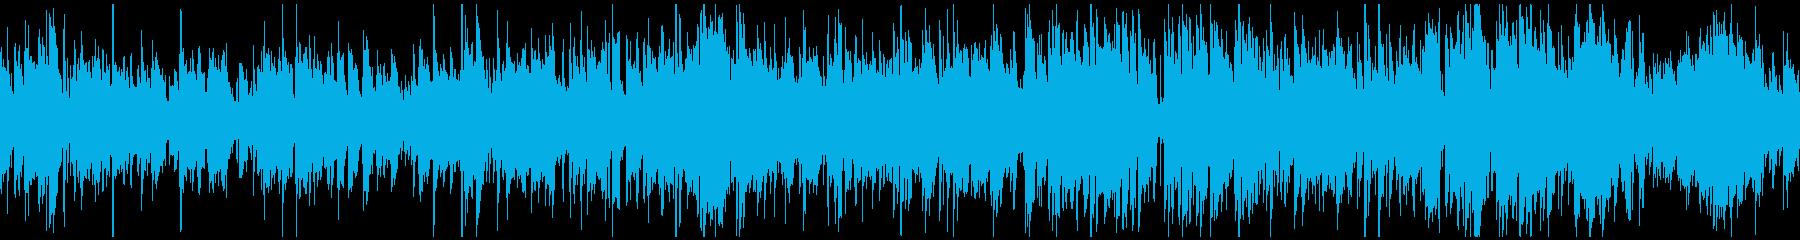 お洒落なカフェ系ジャズボサノバ※ループ版の再生済みの波形